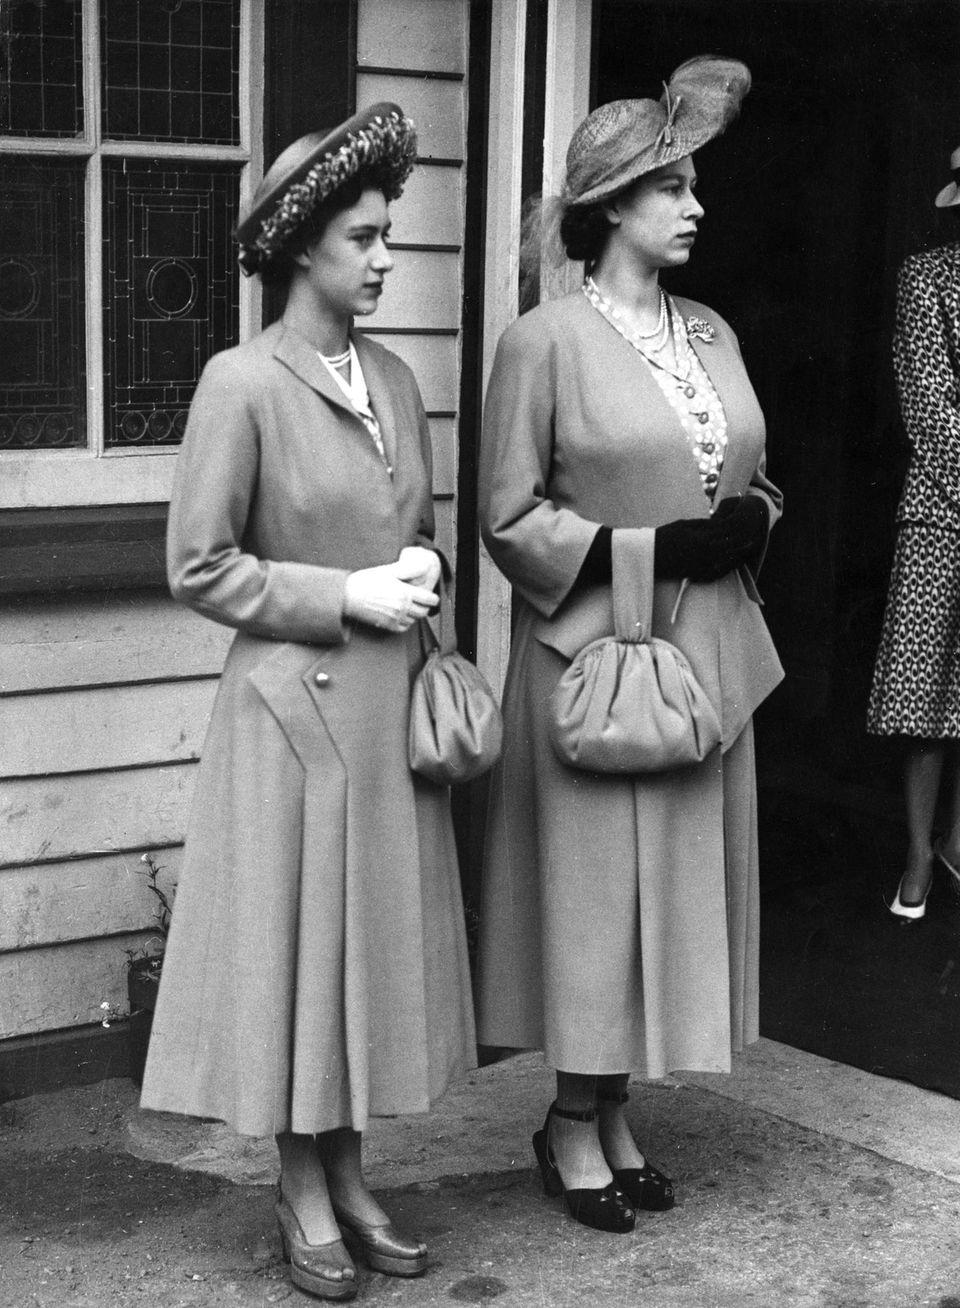 Auf diesem Foto aus dem Jahr 1948 ist Prinzessin Elizabeth, die spätere Queen, mit Prinz Charles schwanger. Trotz der weiten Kleidung unübersehbar: Der Körper der angehenden Königin hat sich verändert.